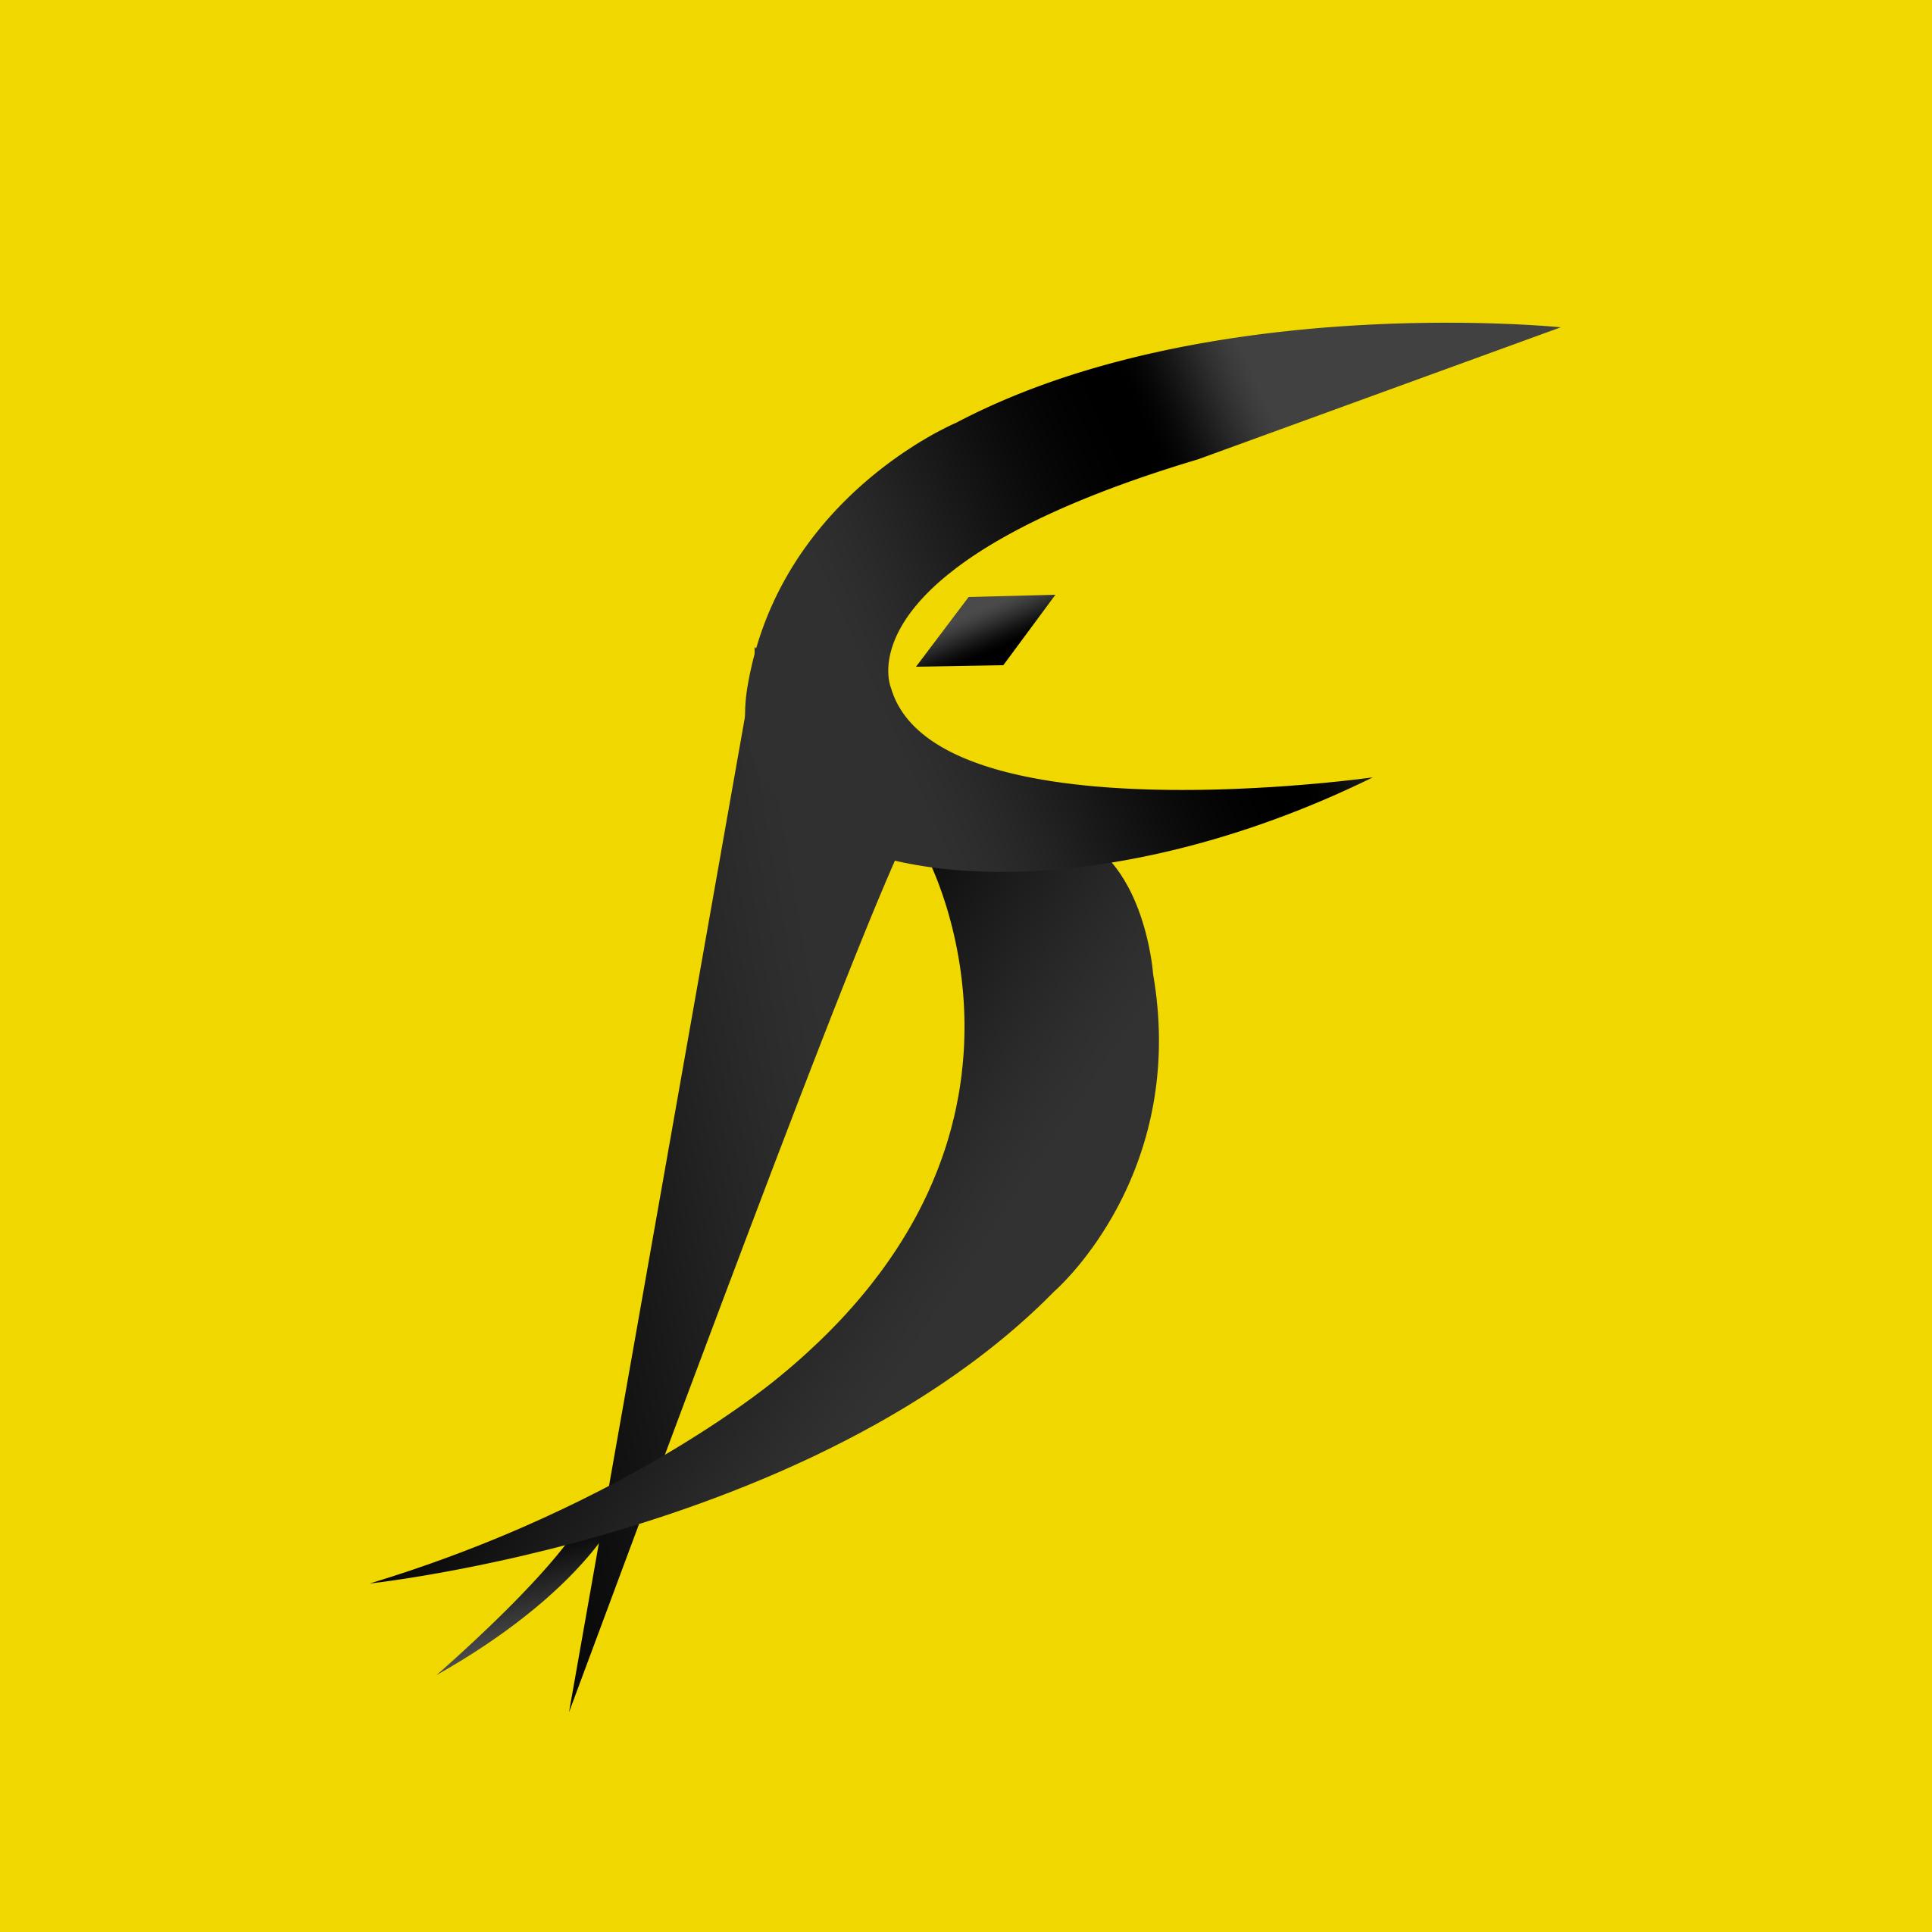 Logo Design - Advertising